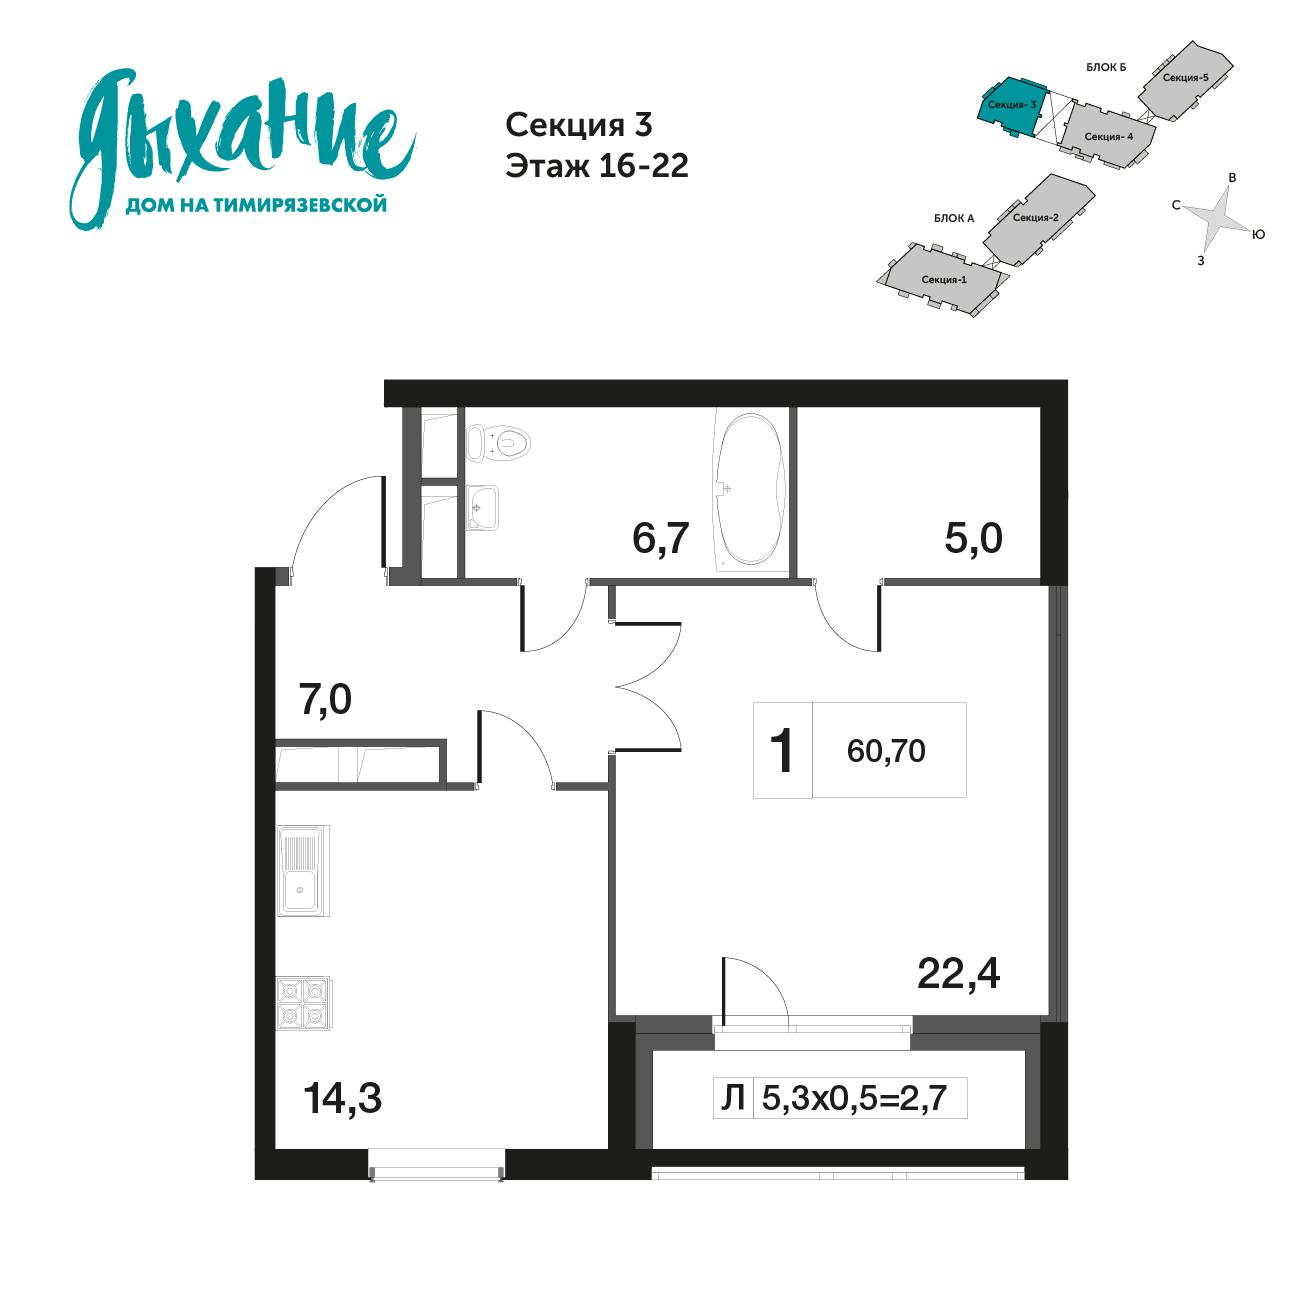 1-комнатная квартира, 58.1м² за 16,1 млн руб.